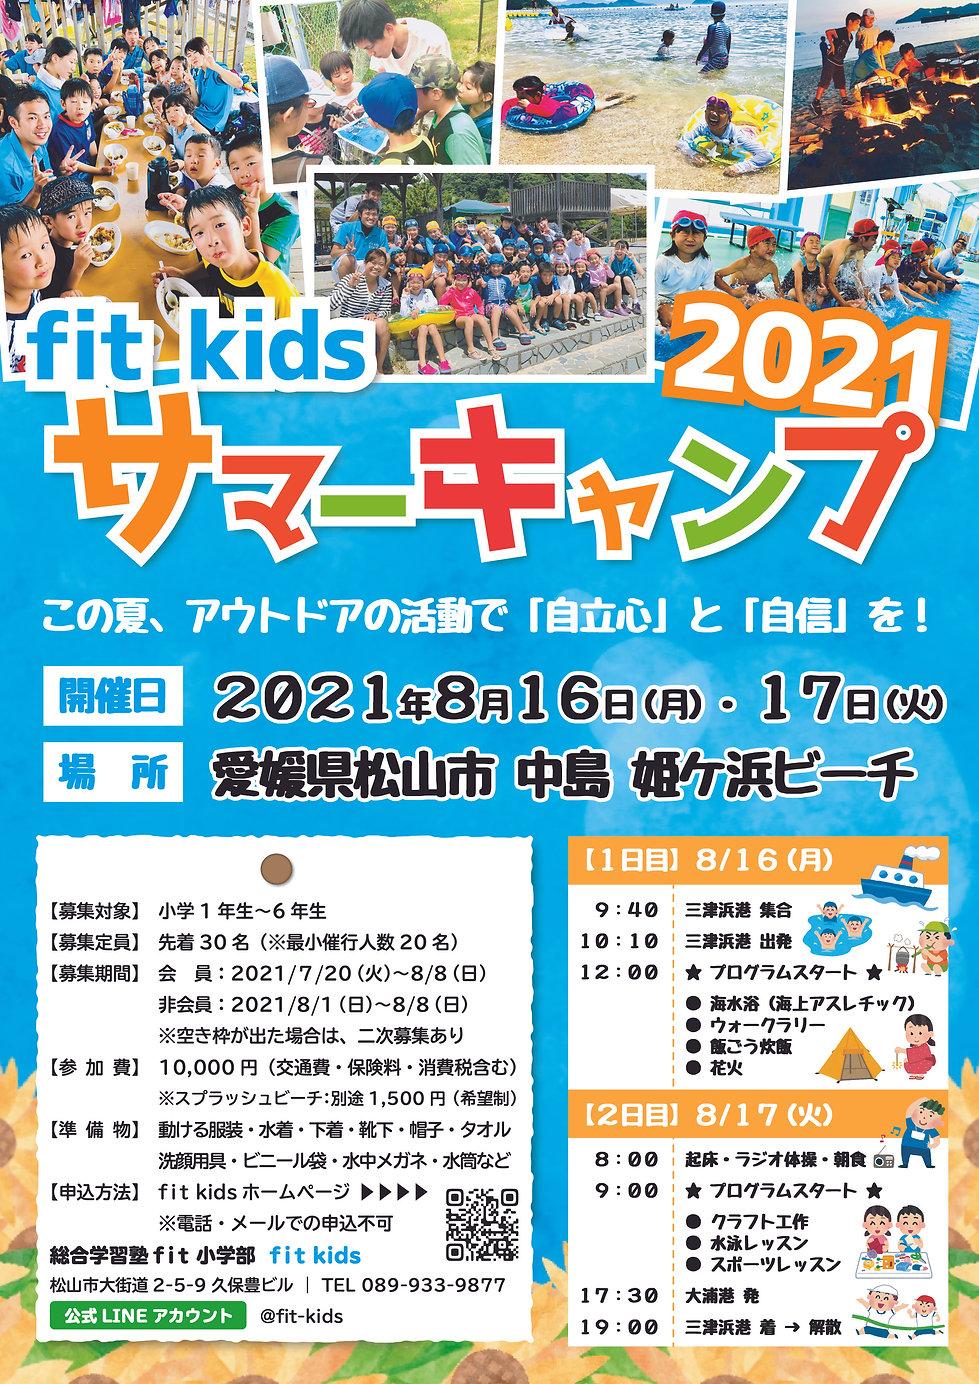 fit kids サマーキャンプ2021.jpeg